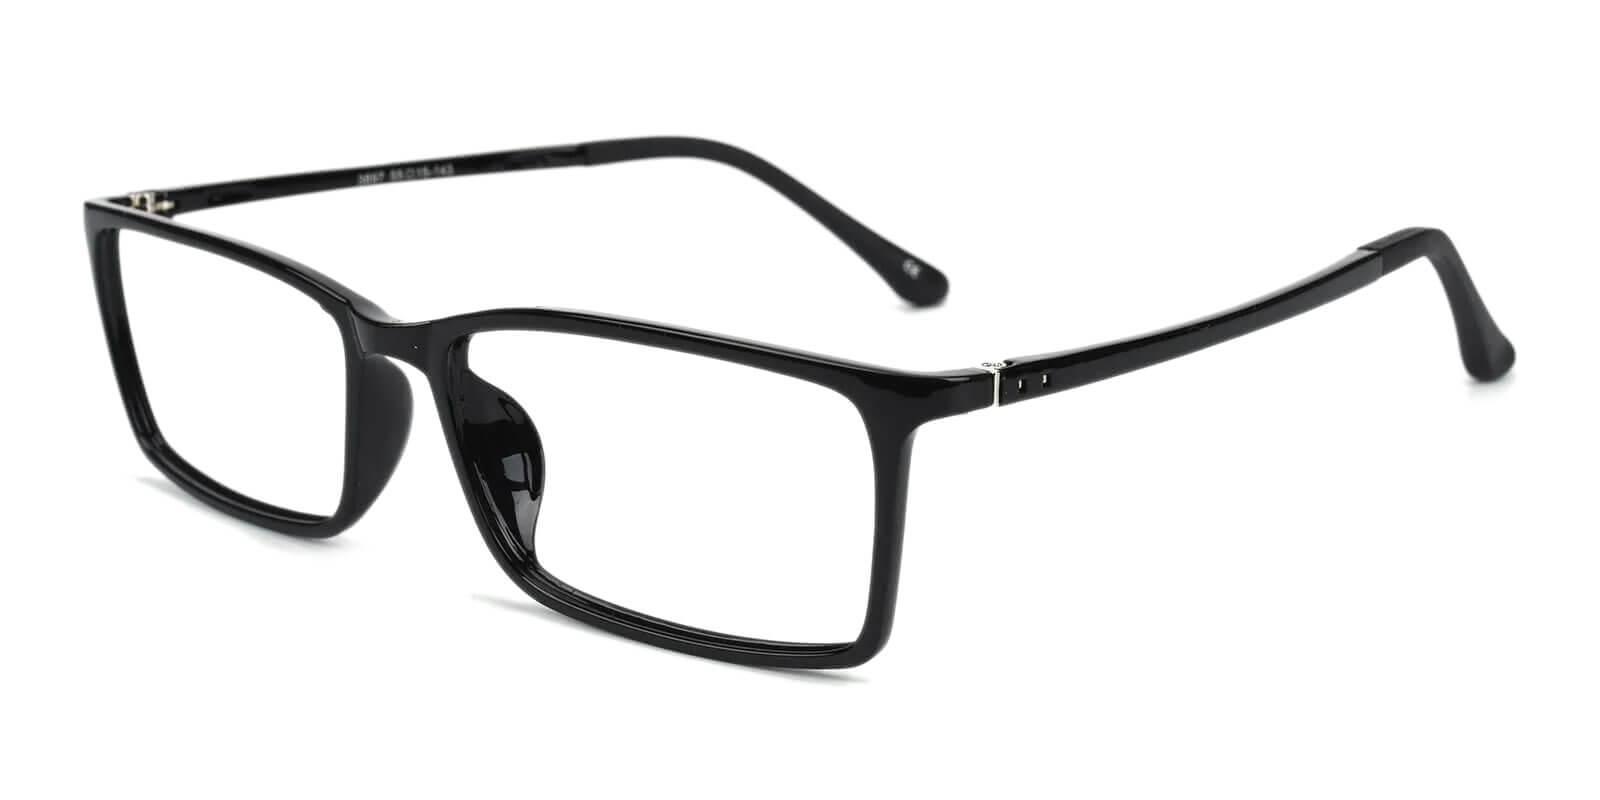 Samson Black TR Eyeglasses , SpringHinges , UniversalBridgeFit Frames from ABBE Glasses